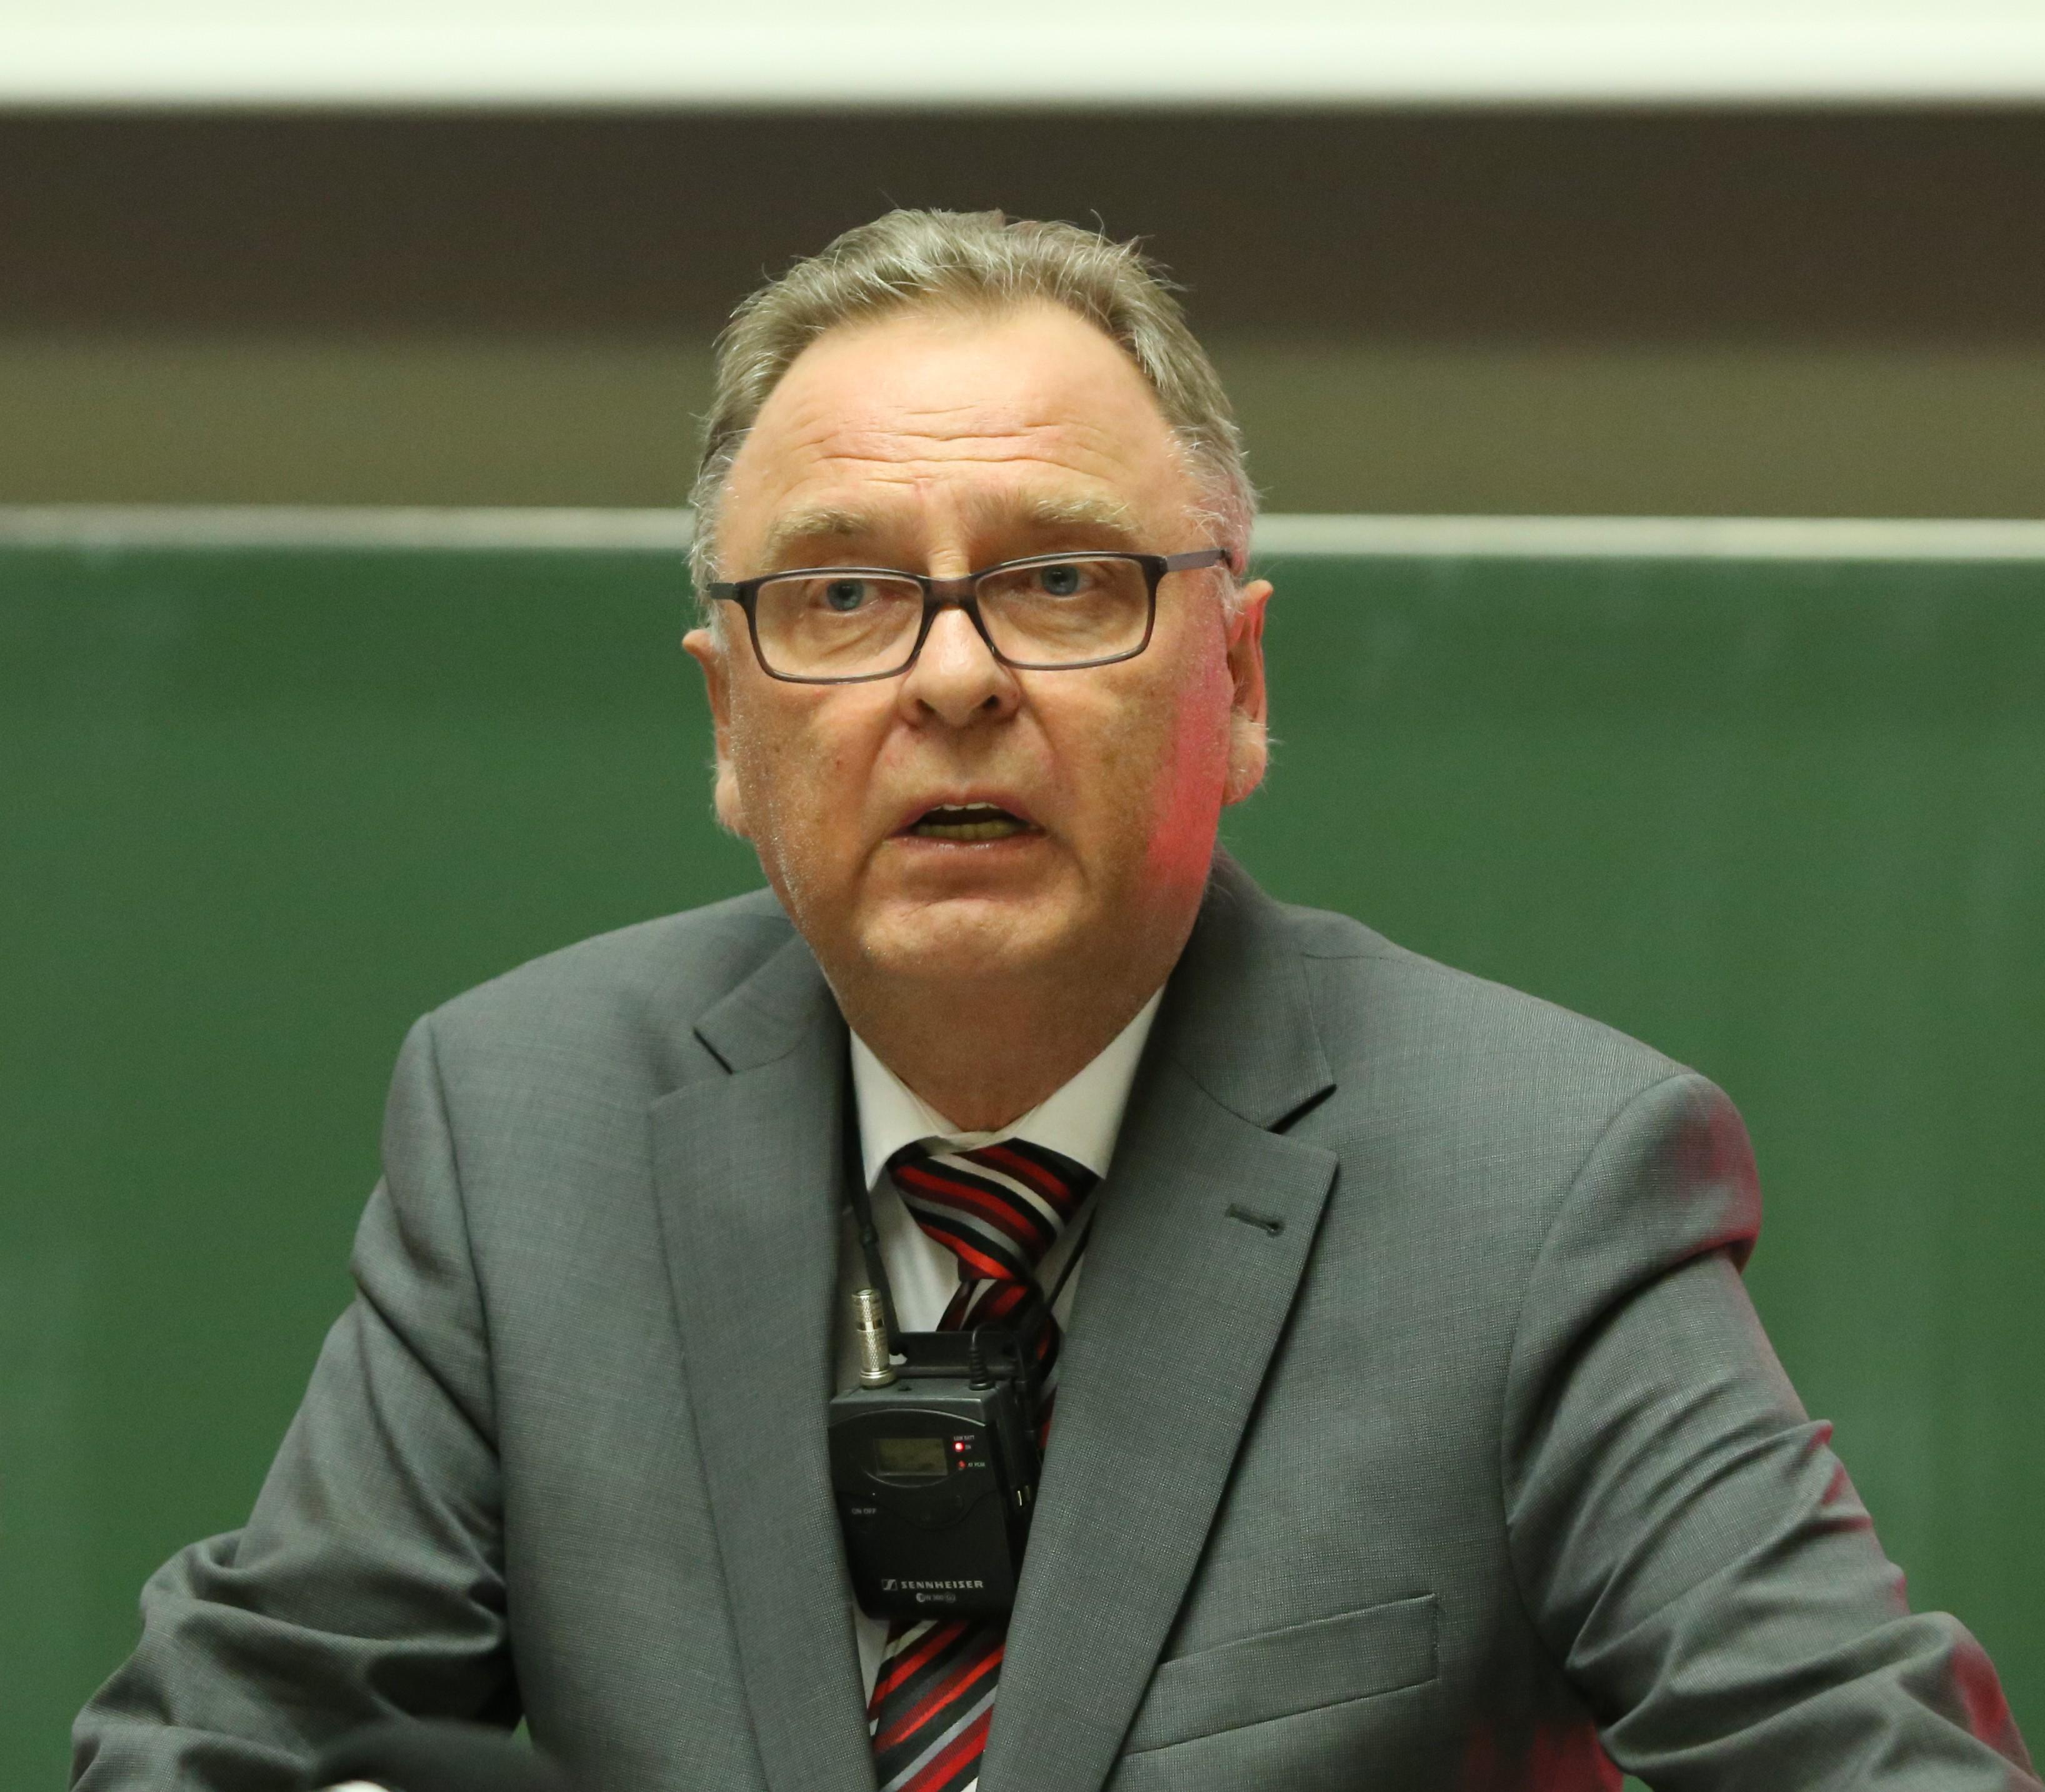 Hans-Jürgen Papier giving a speech in 2014